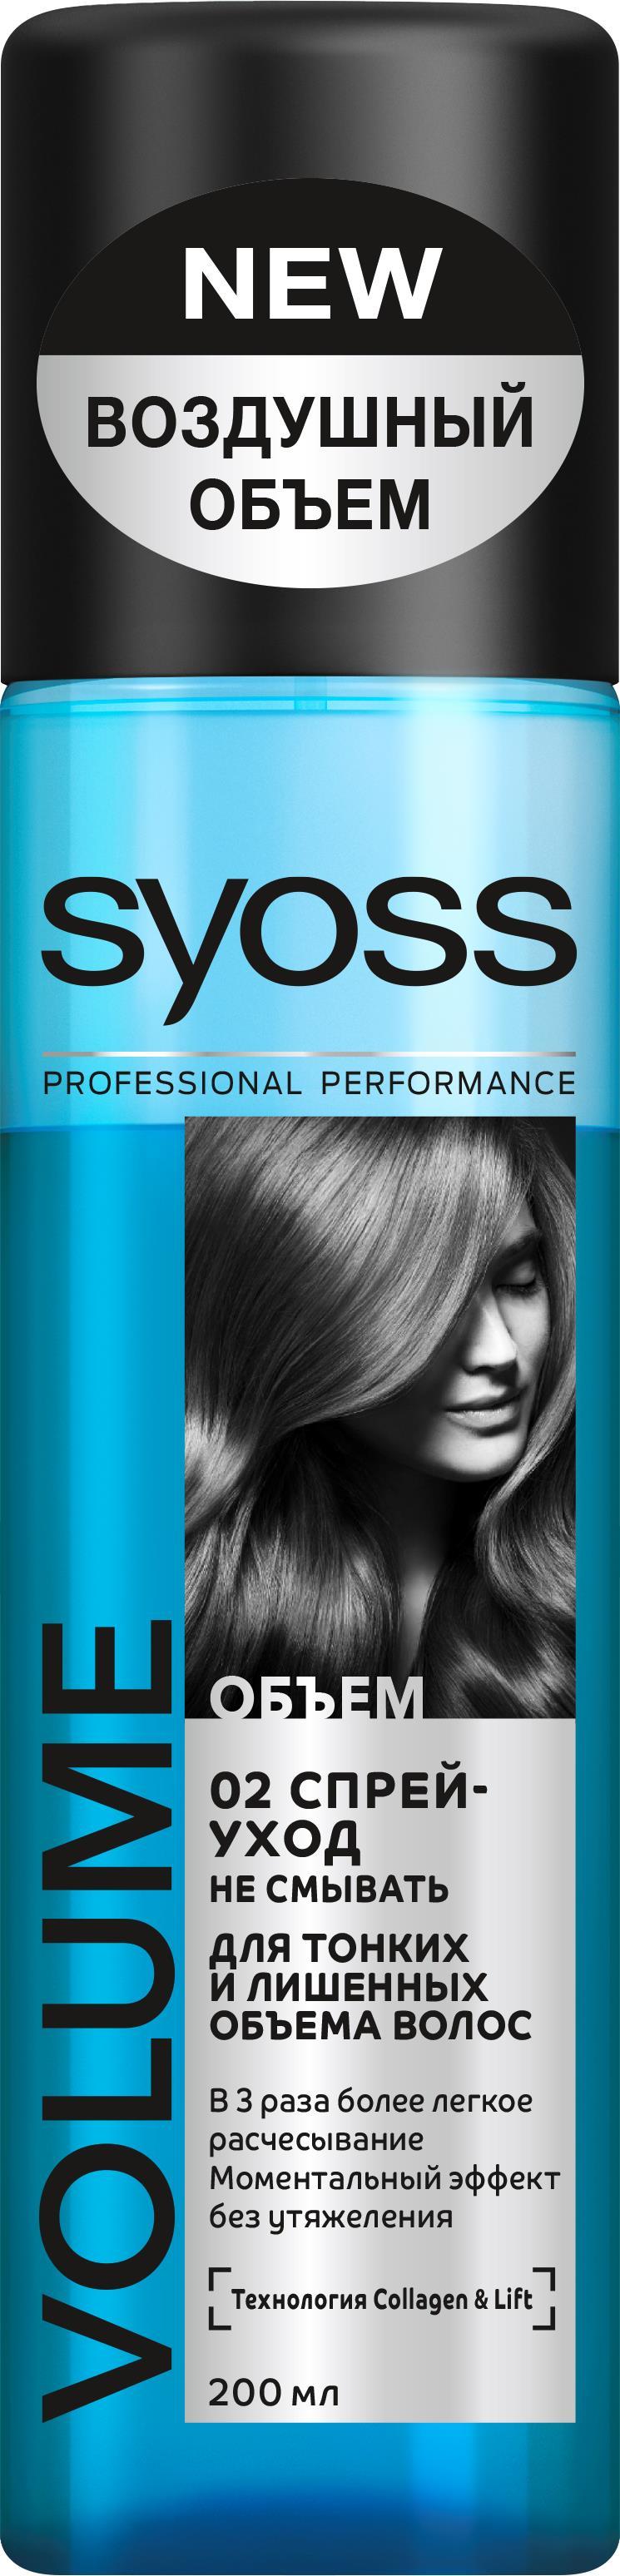 Syoss Спрей-кондиционер Volume, 200 мл2094132Спрей-кондиционер с комплексом Collagen&Lift для тонких волос без объема обеспечивает в 3 раза более легкое расчесывание и воздушную мягкость волосам. Экспресс-уход без утяжеления